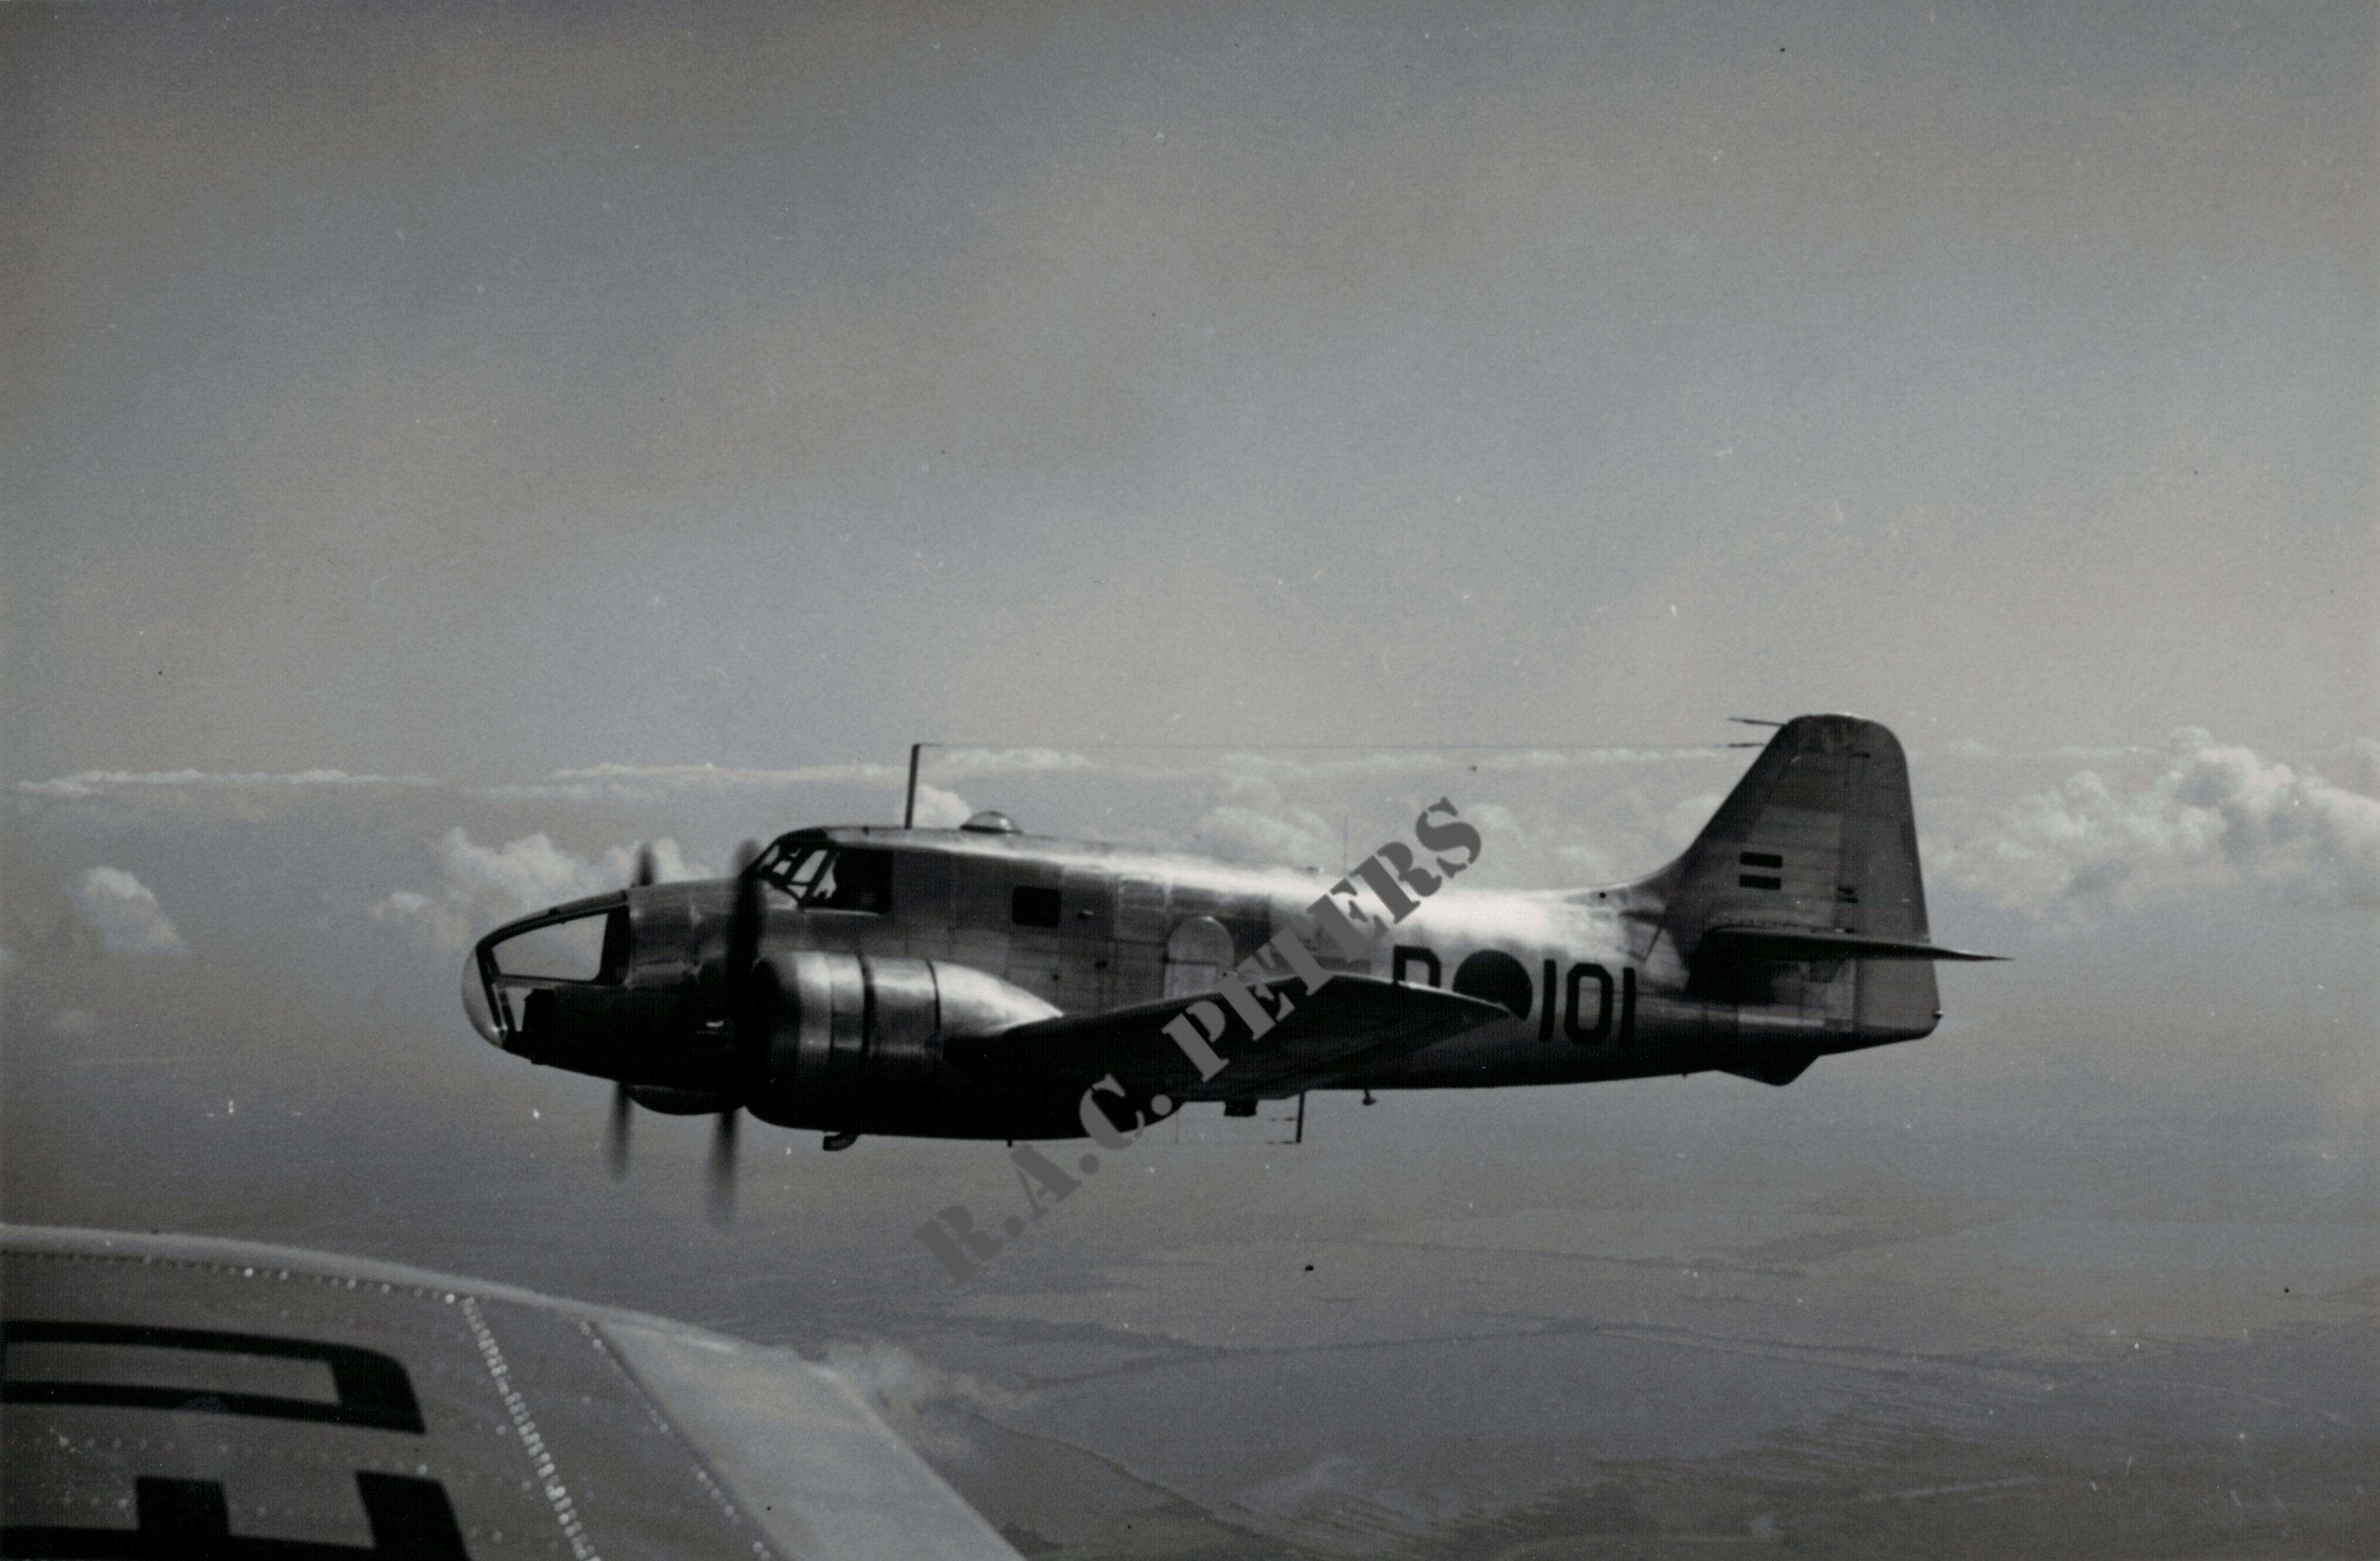 Naam: Fokker S.14-watermark-002.jpg Bekeken: 435 Grootte: 485,4 KB